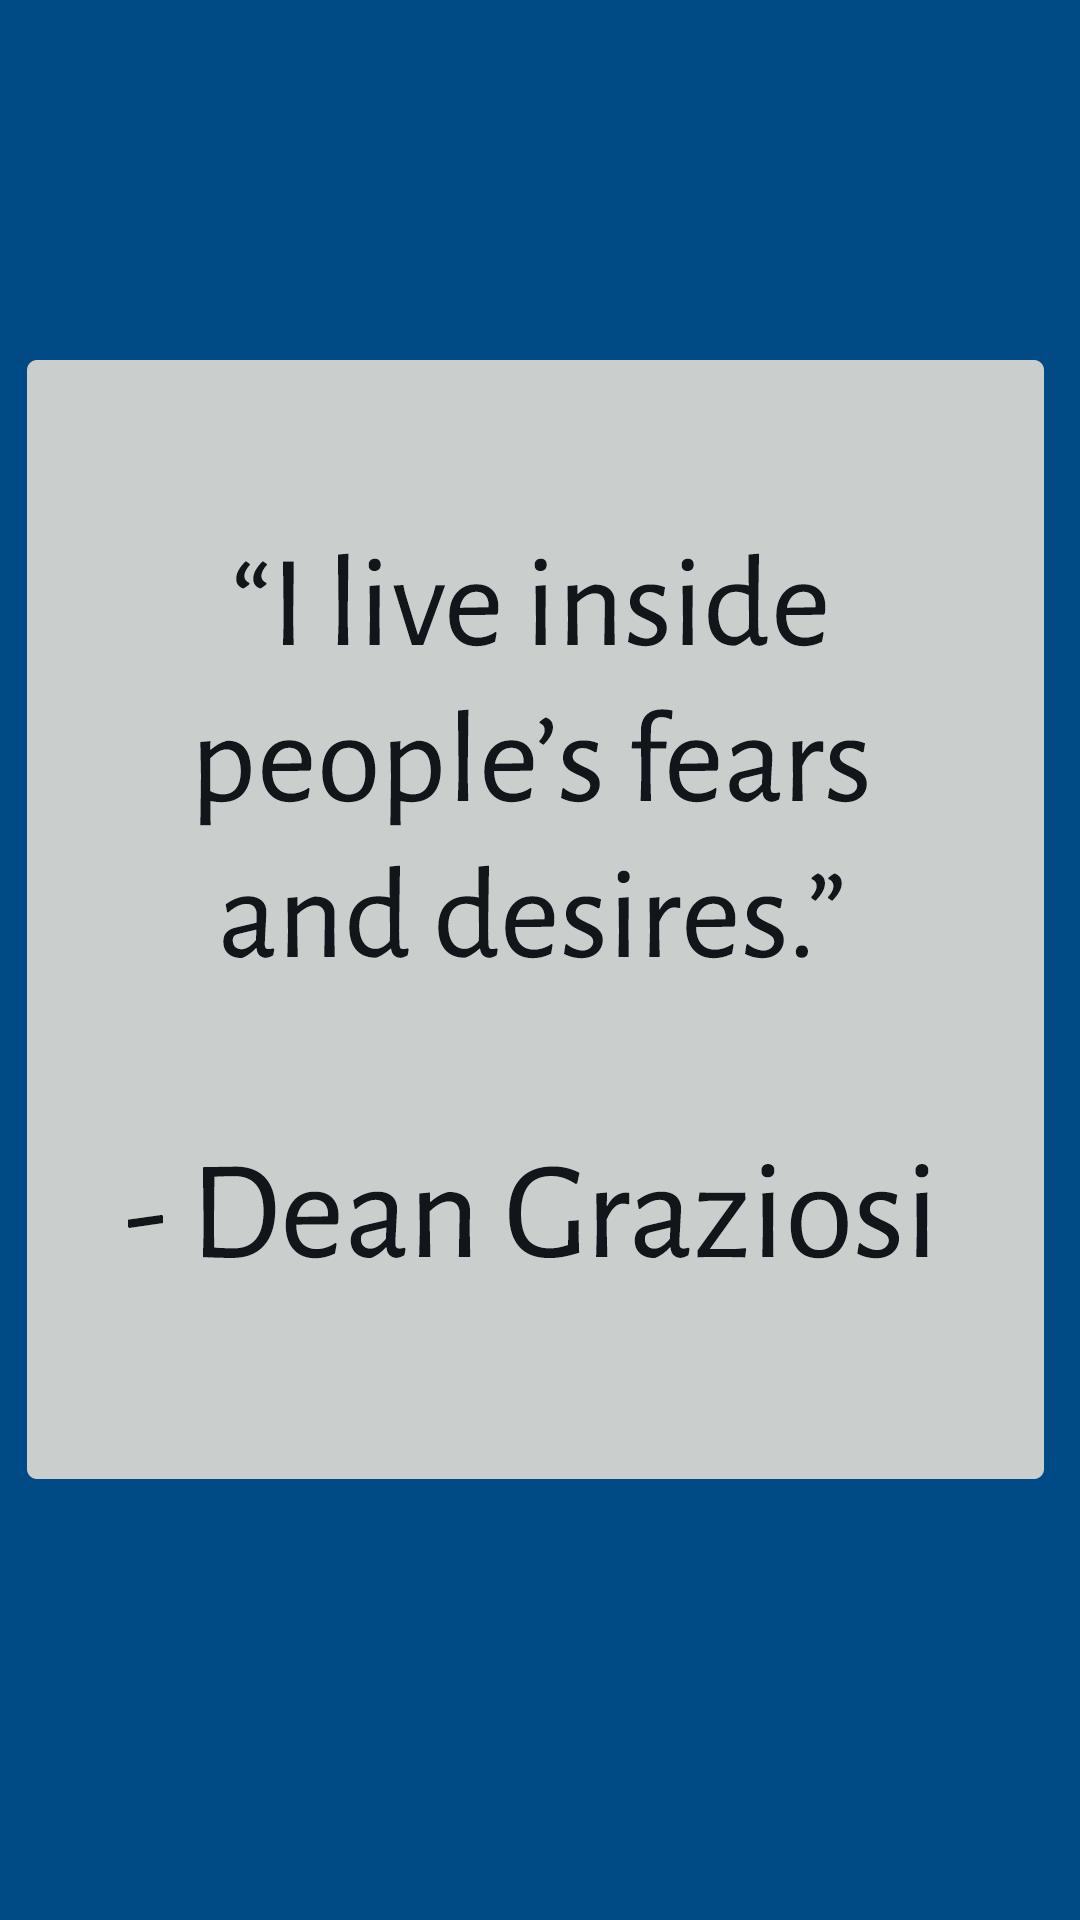 dean graziosi quote